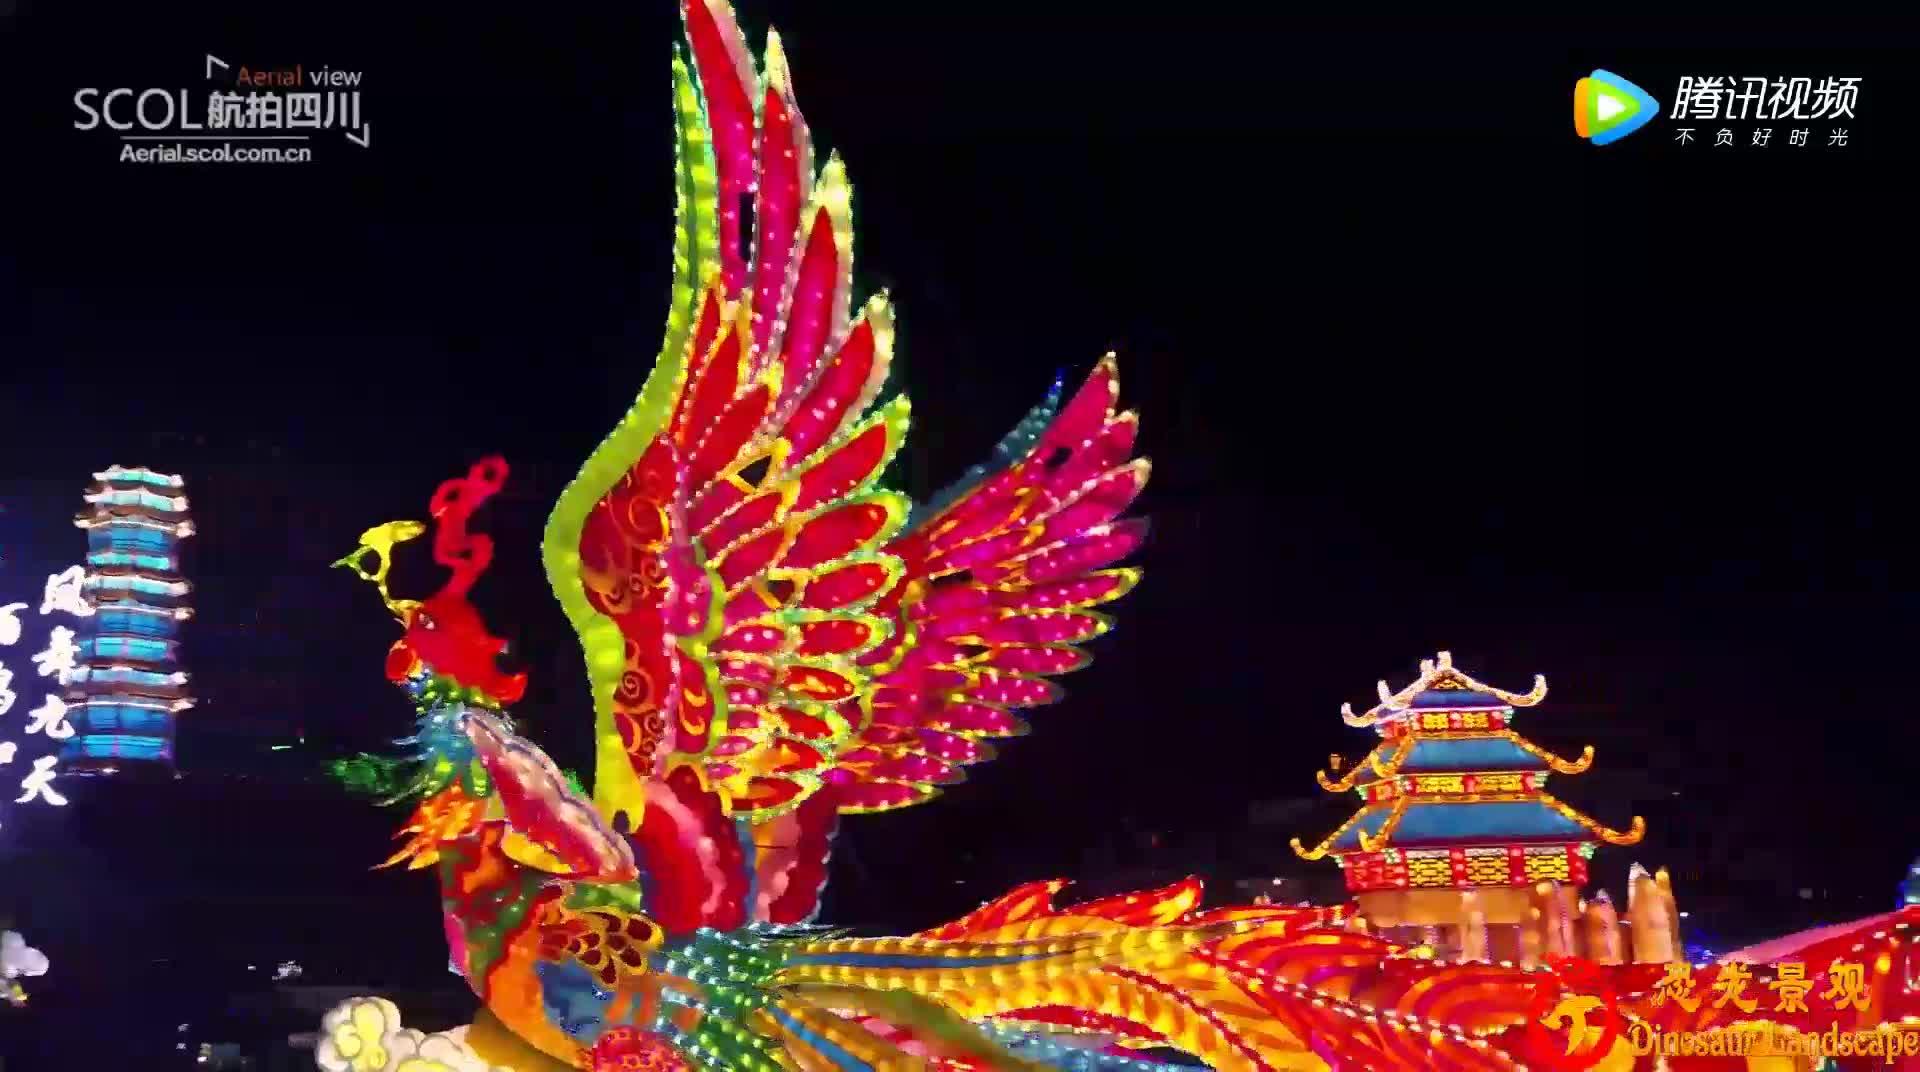 Lanterna elétrica decorativa feita à mão tradicional chinesa do dragão do papel chinês de pano